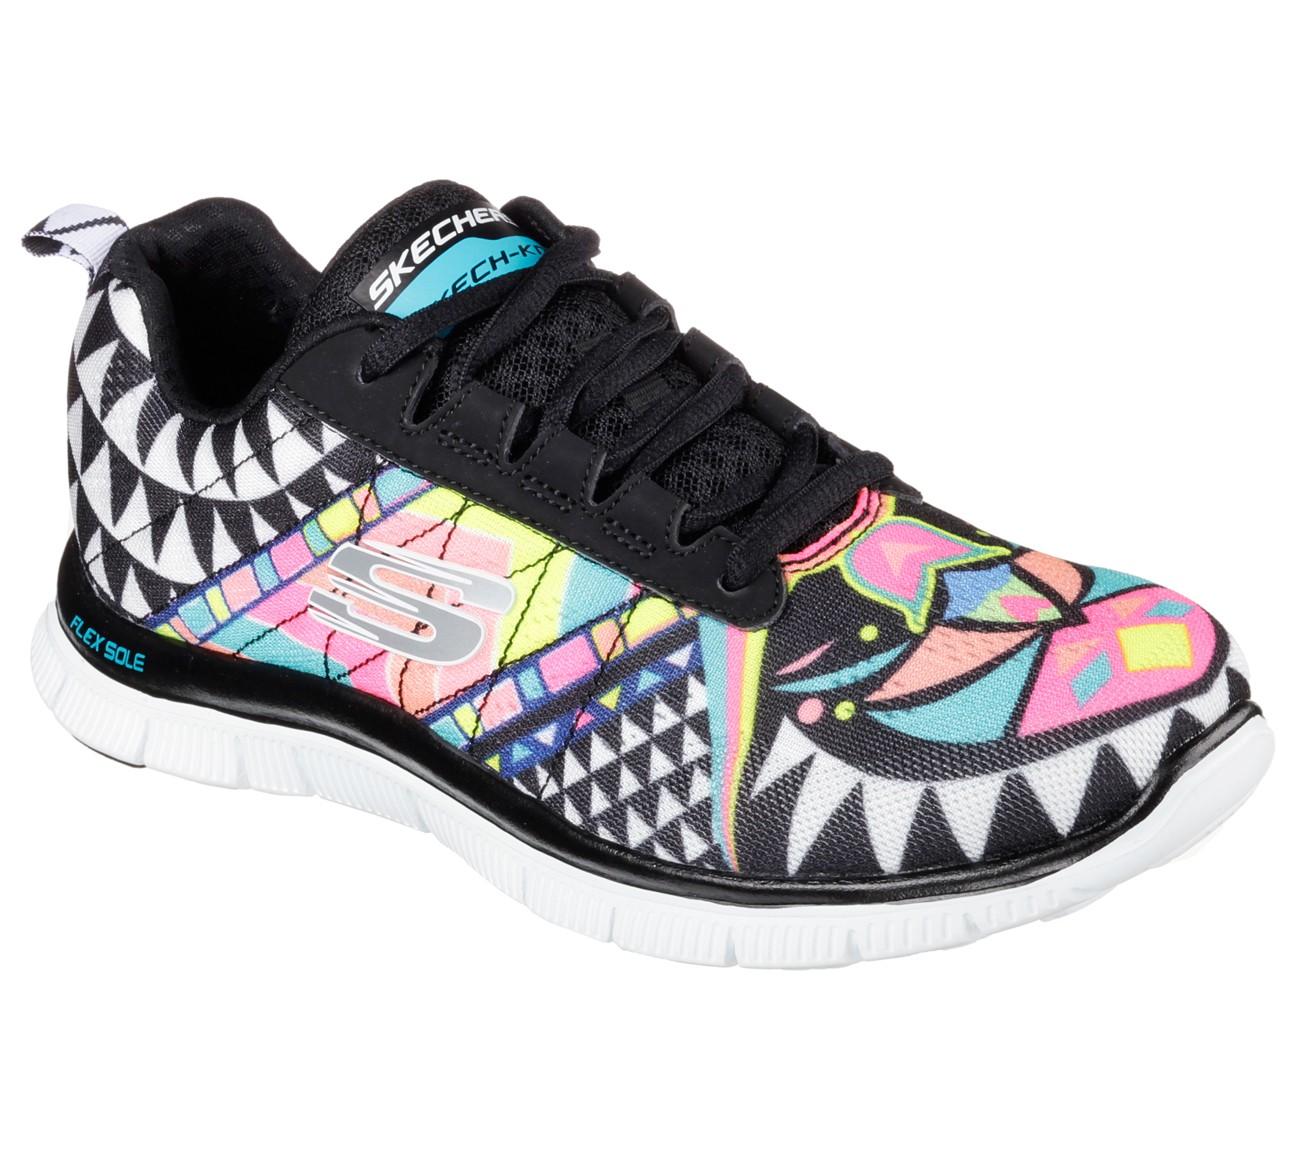 Skechers Bayan Yürüyüş Ayakkabısı Modelleri-Ayakkabı Modelleri (2)